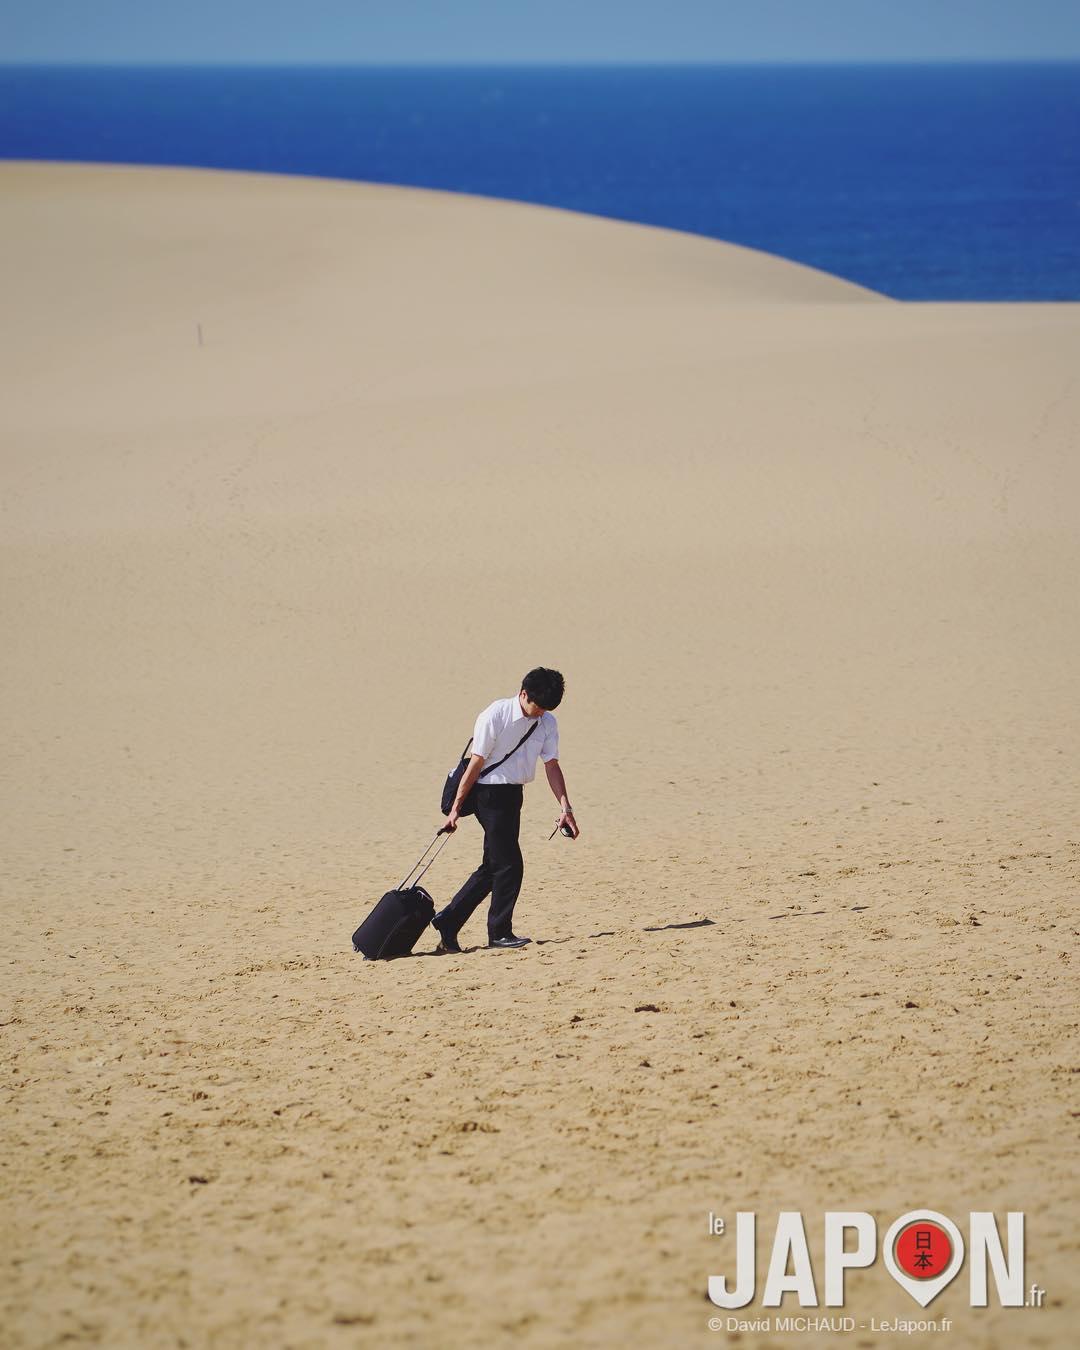 Découvrir les dunes de Tottori… idéal pour photographier la vie du salaryman et sa traversée du désert 🙇🏻🙅🏻♂️🏜☀️ #SaninAdventure #TottoriSakyu #Tottori